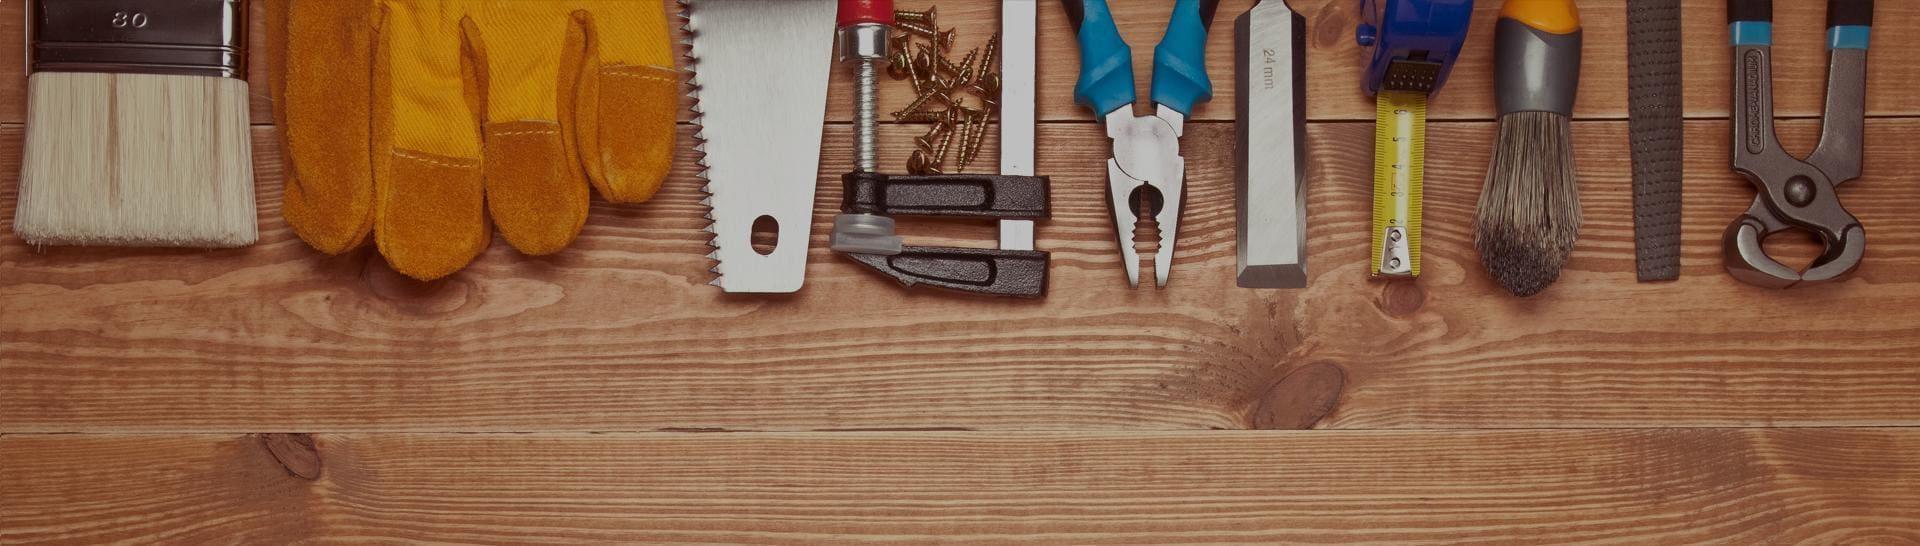 banner warsztat z narzędziami